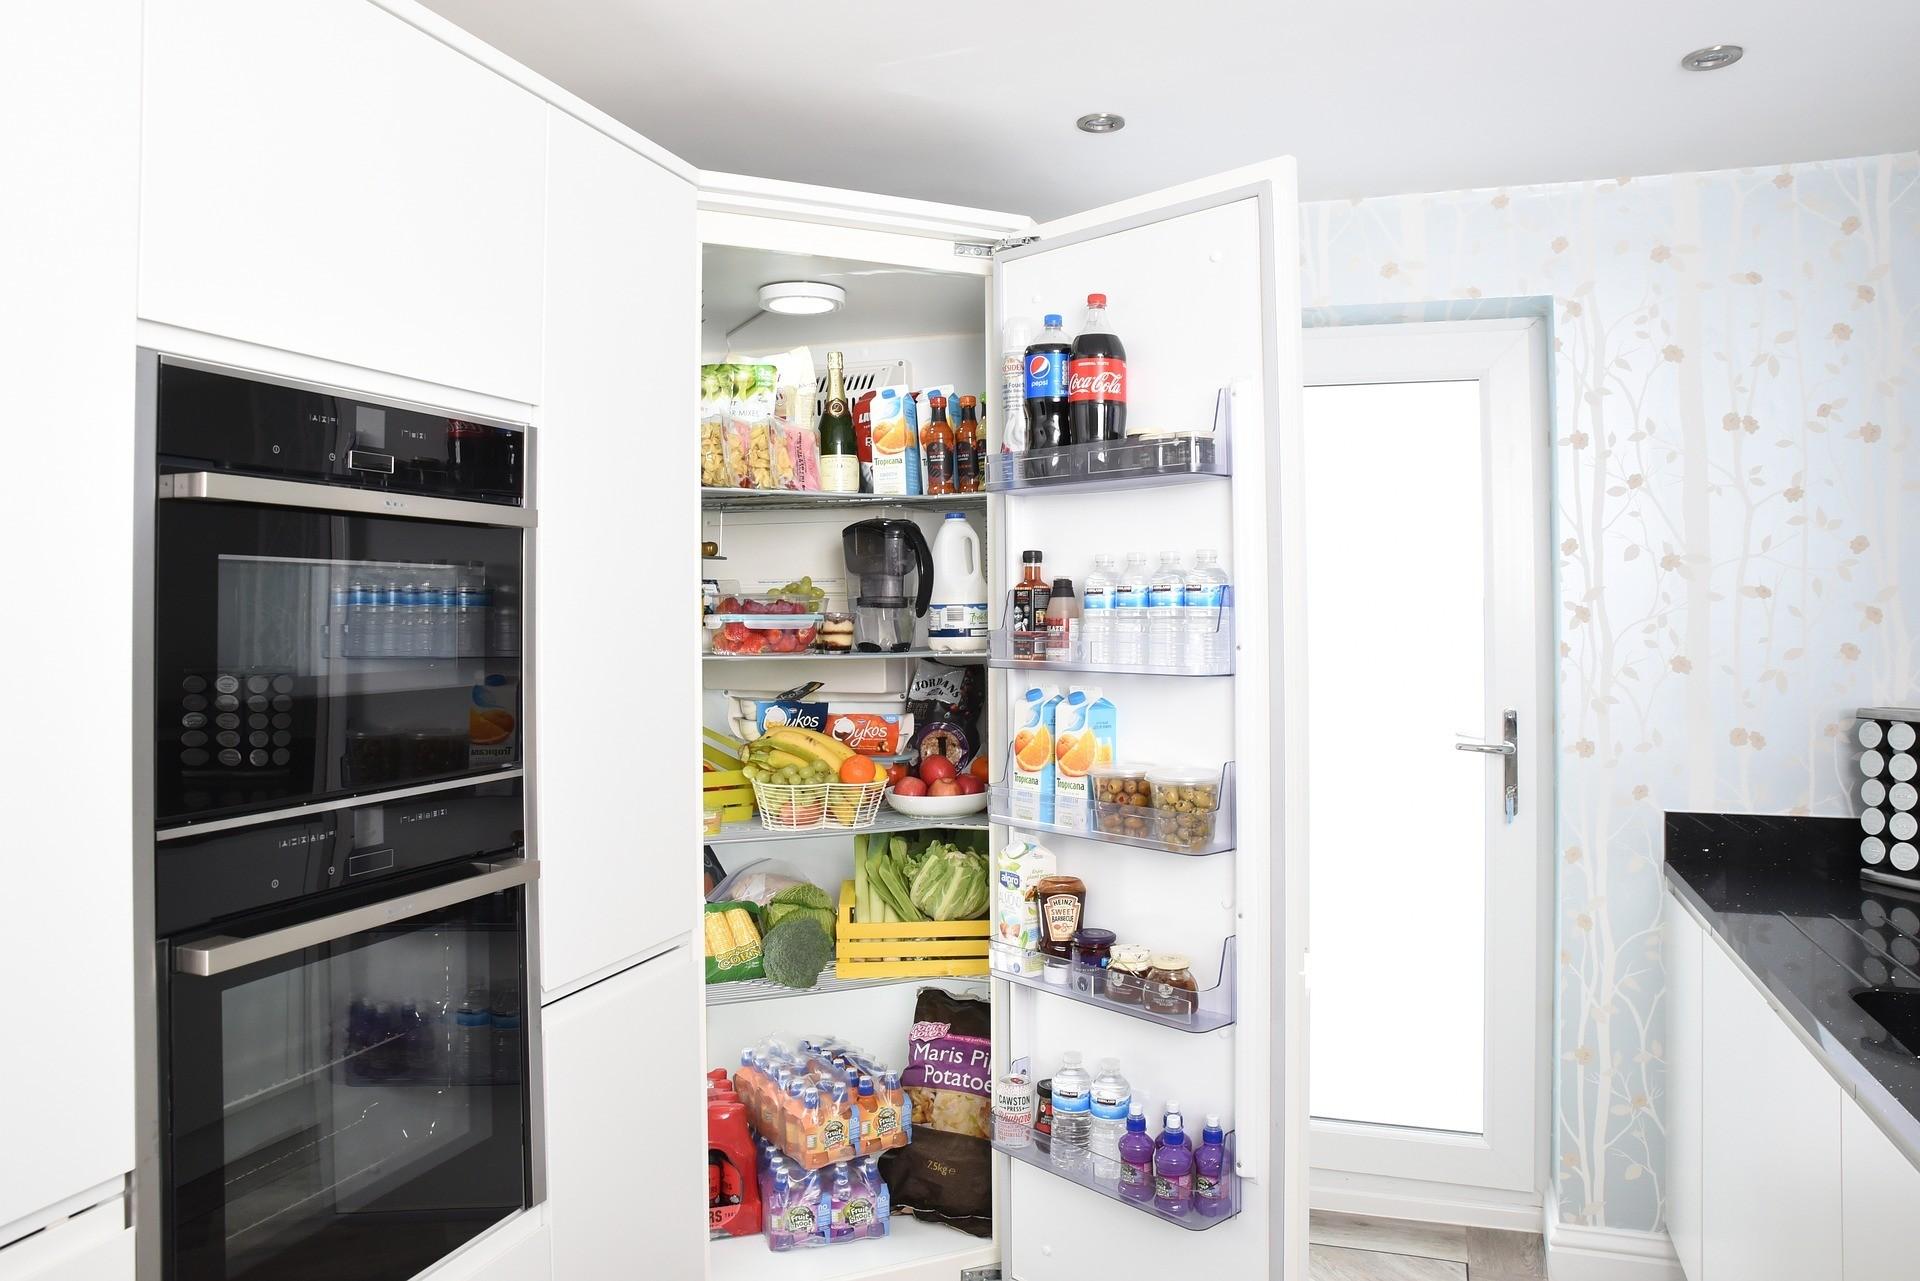 7 советов для идеальной организации холодильника